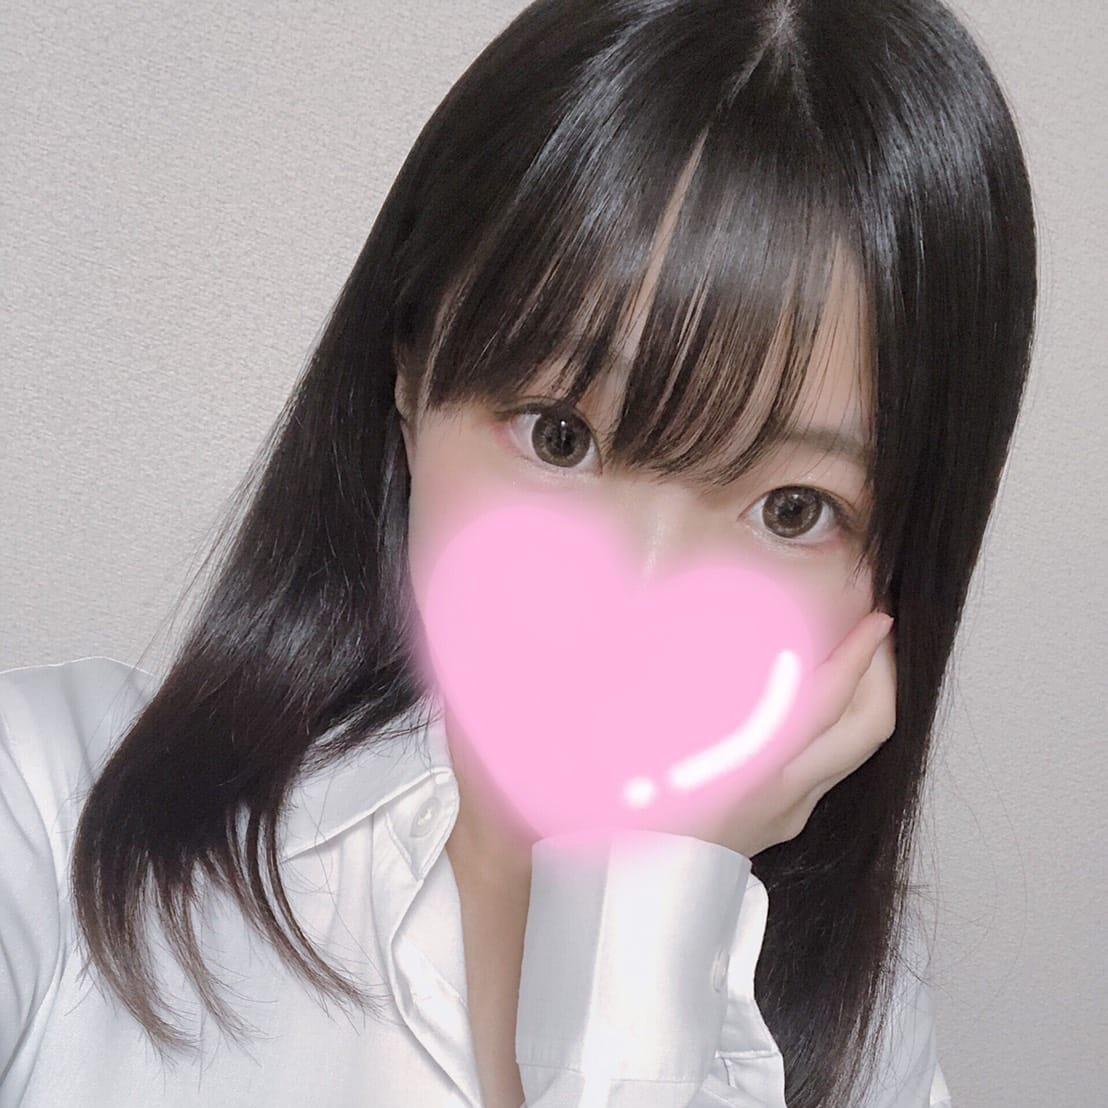 あみちゃん【♡業界未経験♡】 | アロマスウィート・Luxury(福岡市・博多)